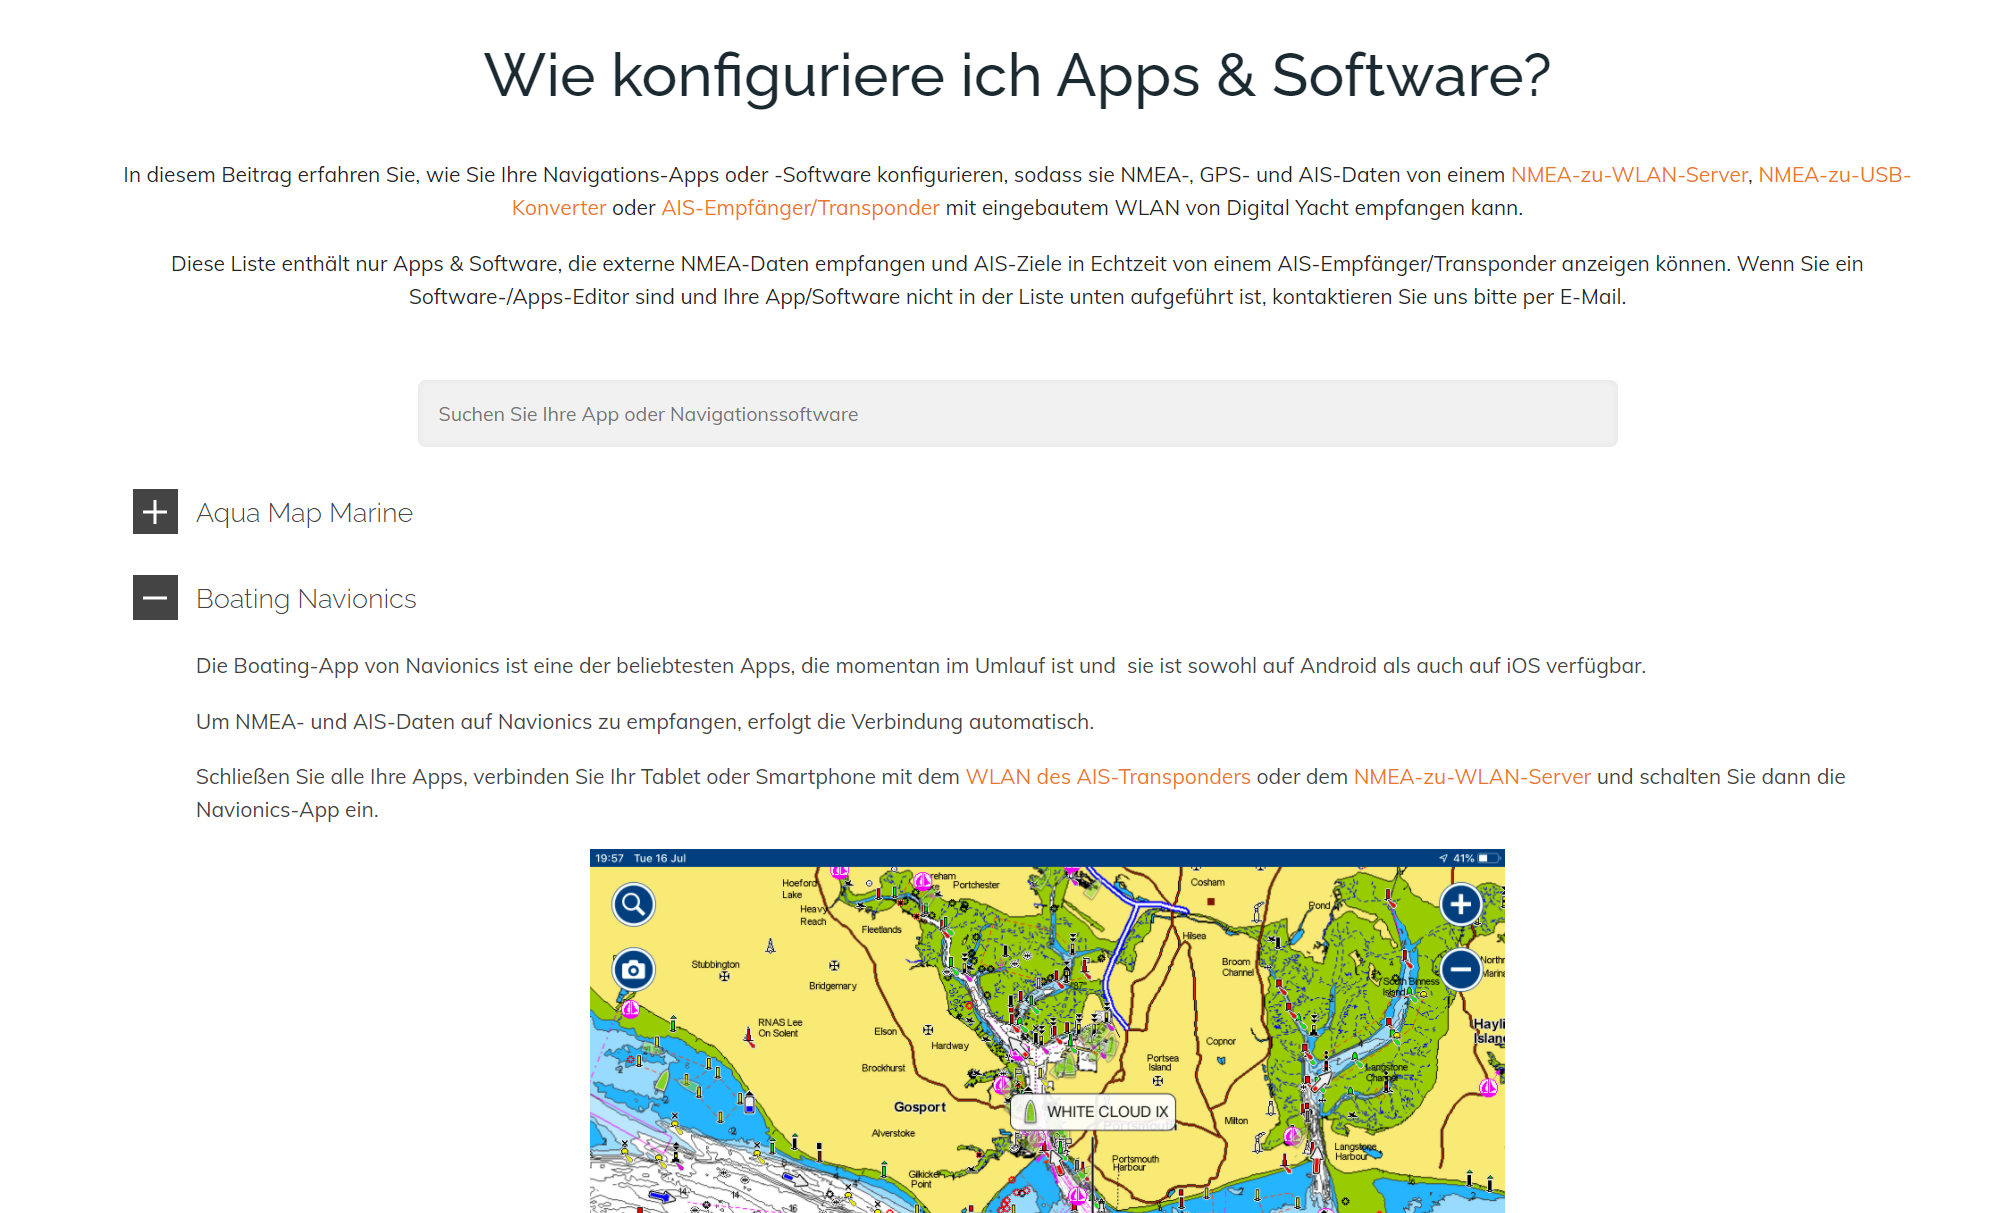 Konfiguration Navigations-Apps/-Software